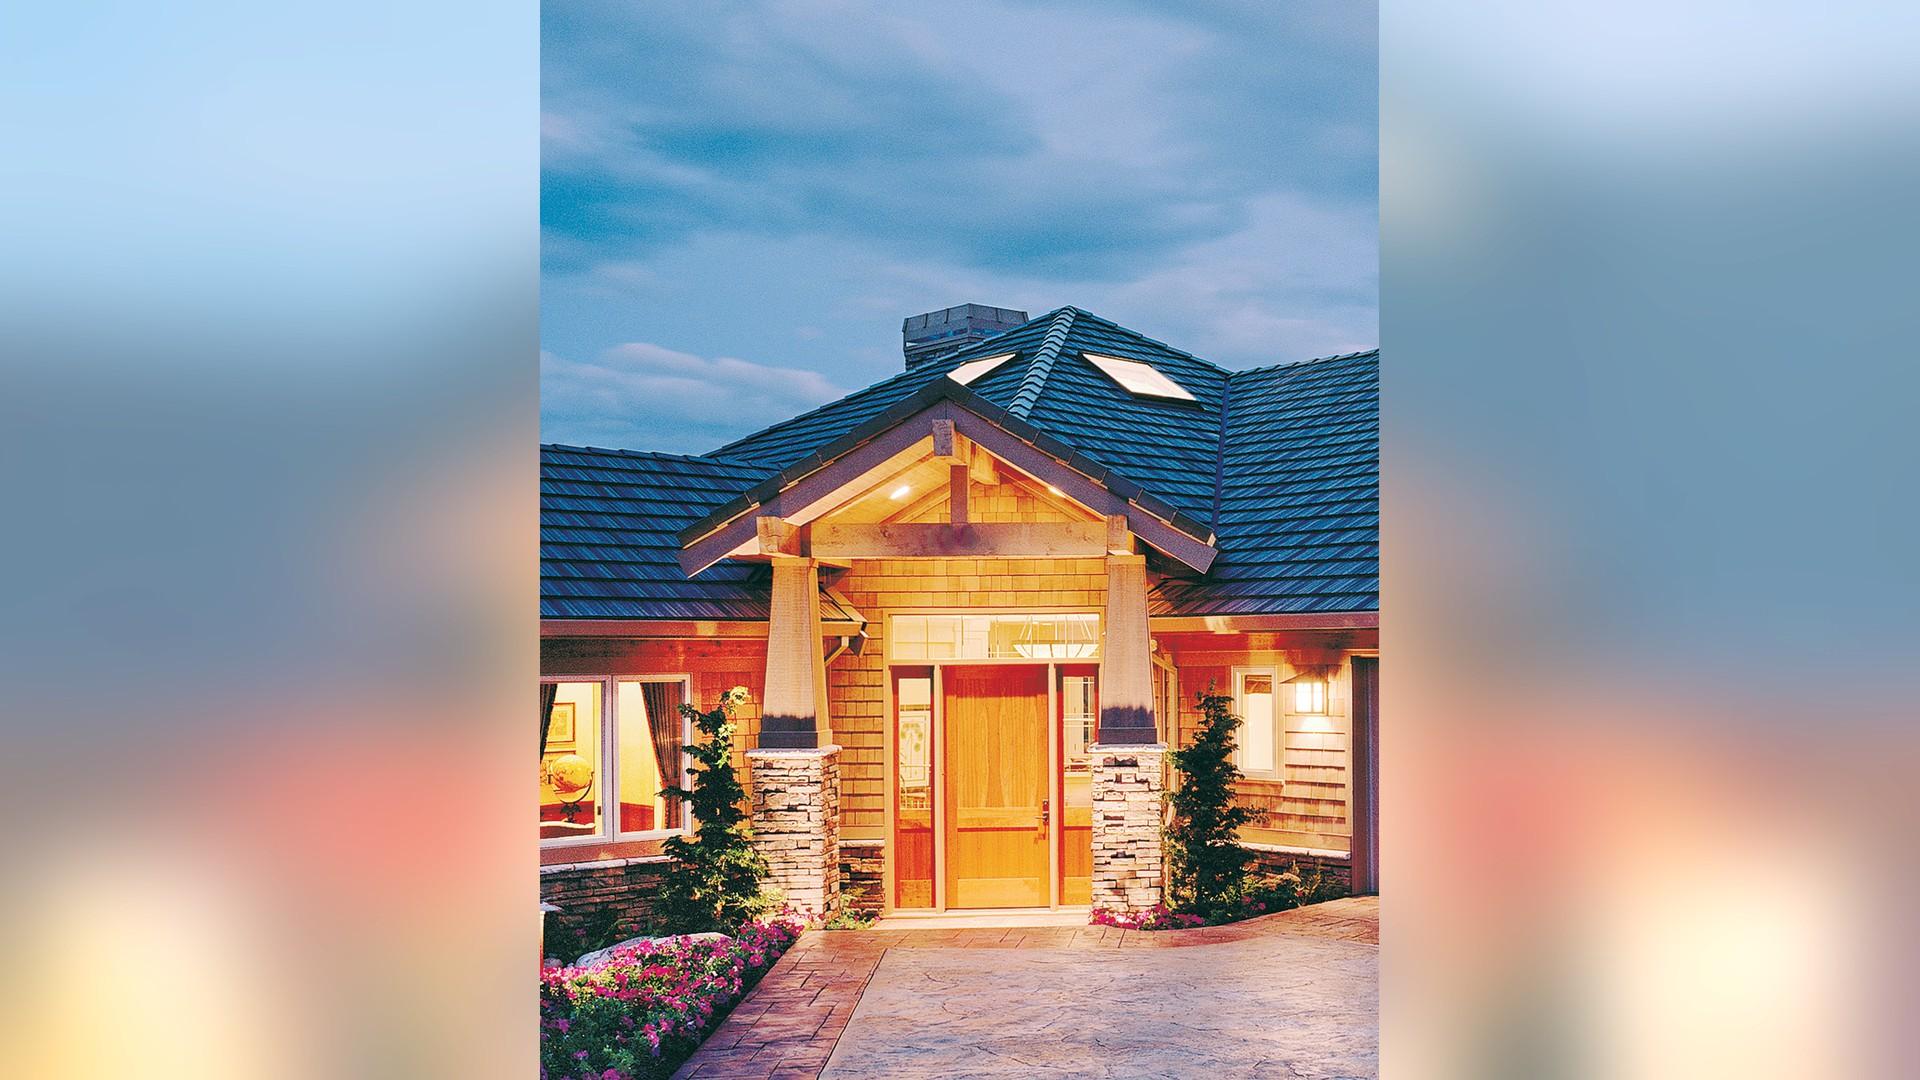 Craftsman House Plan 1409 The Kellenberg: 5949 Sqft, 4 Bedrooms, 4.3 ...